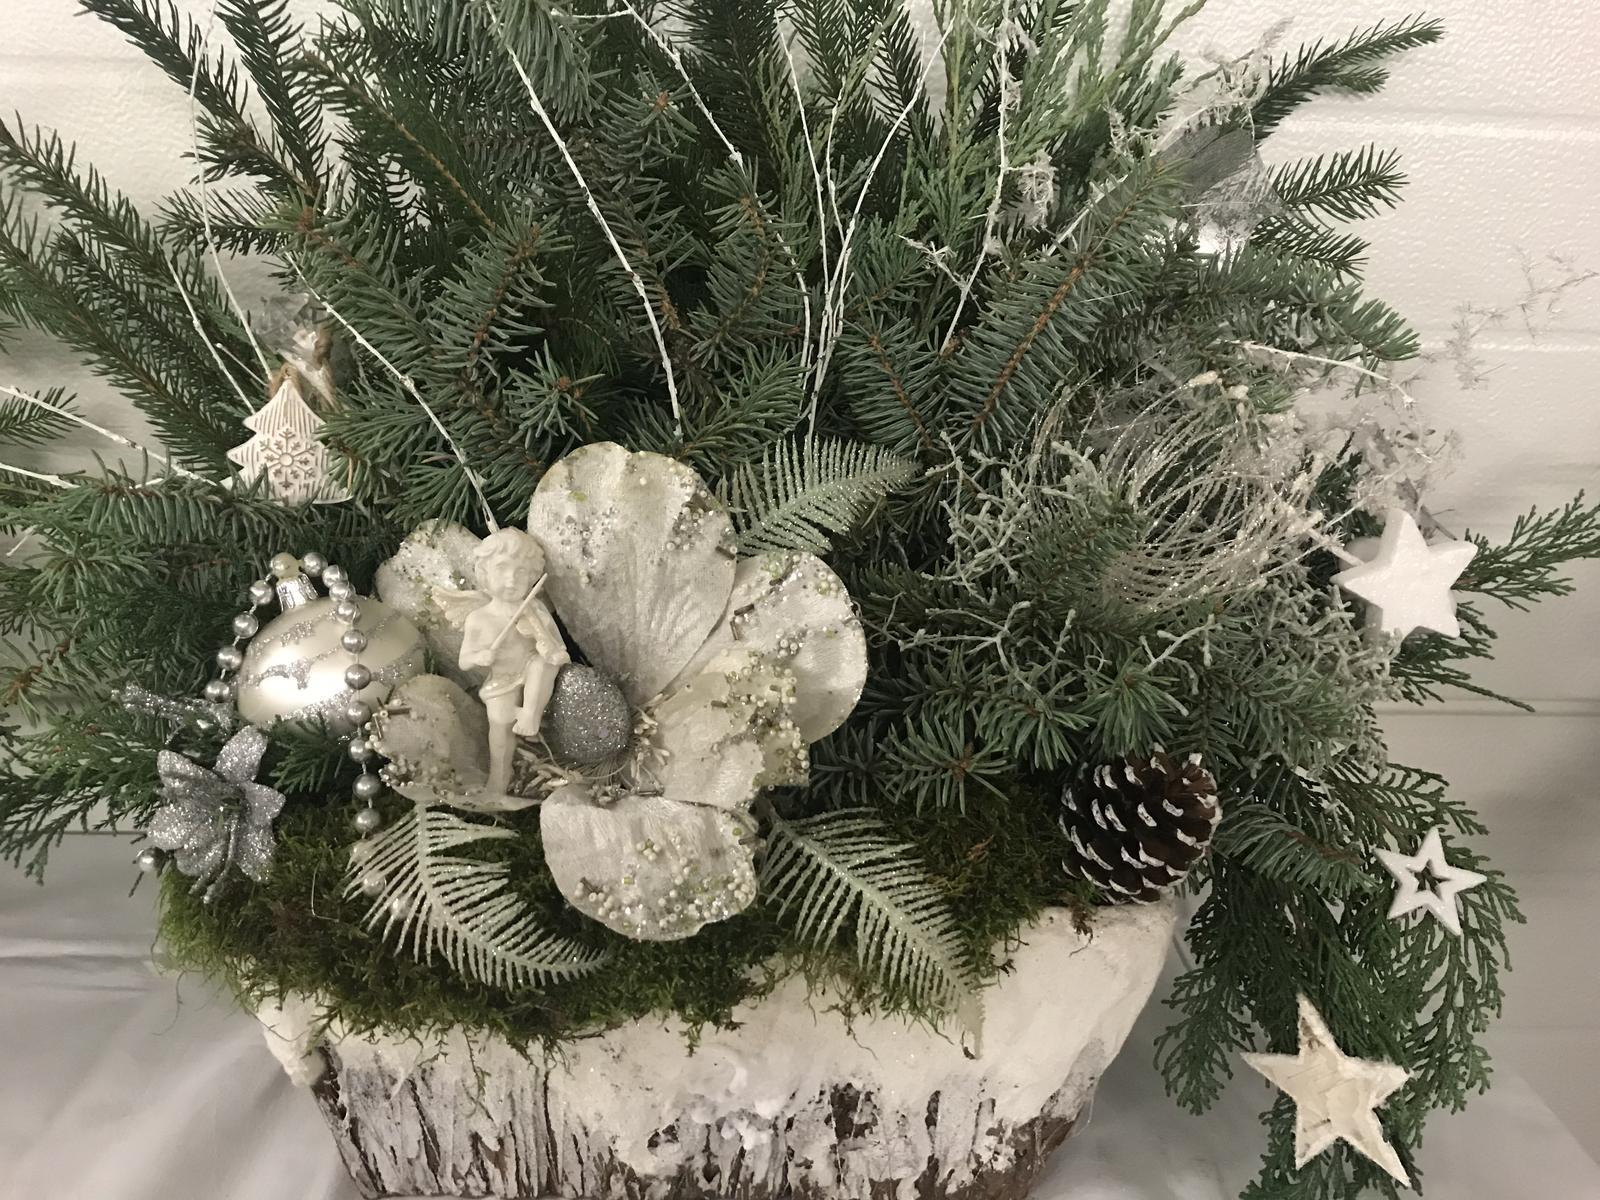 Než začne advent - Vánoce 2018 - Pro mamču